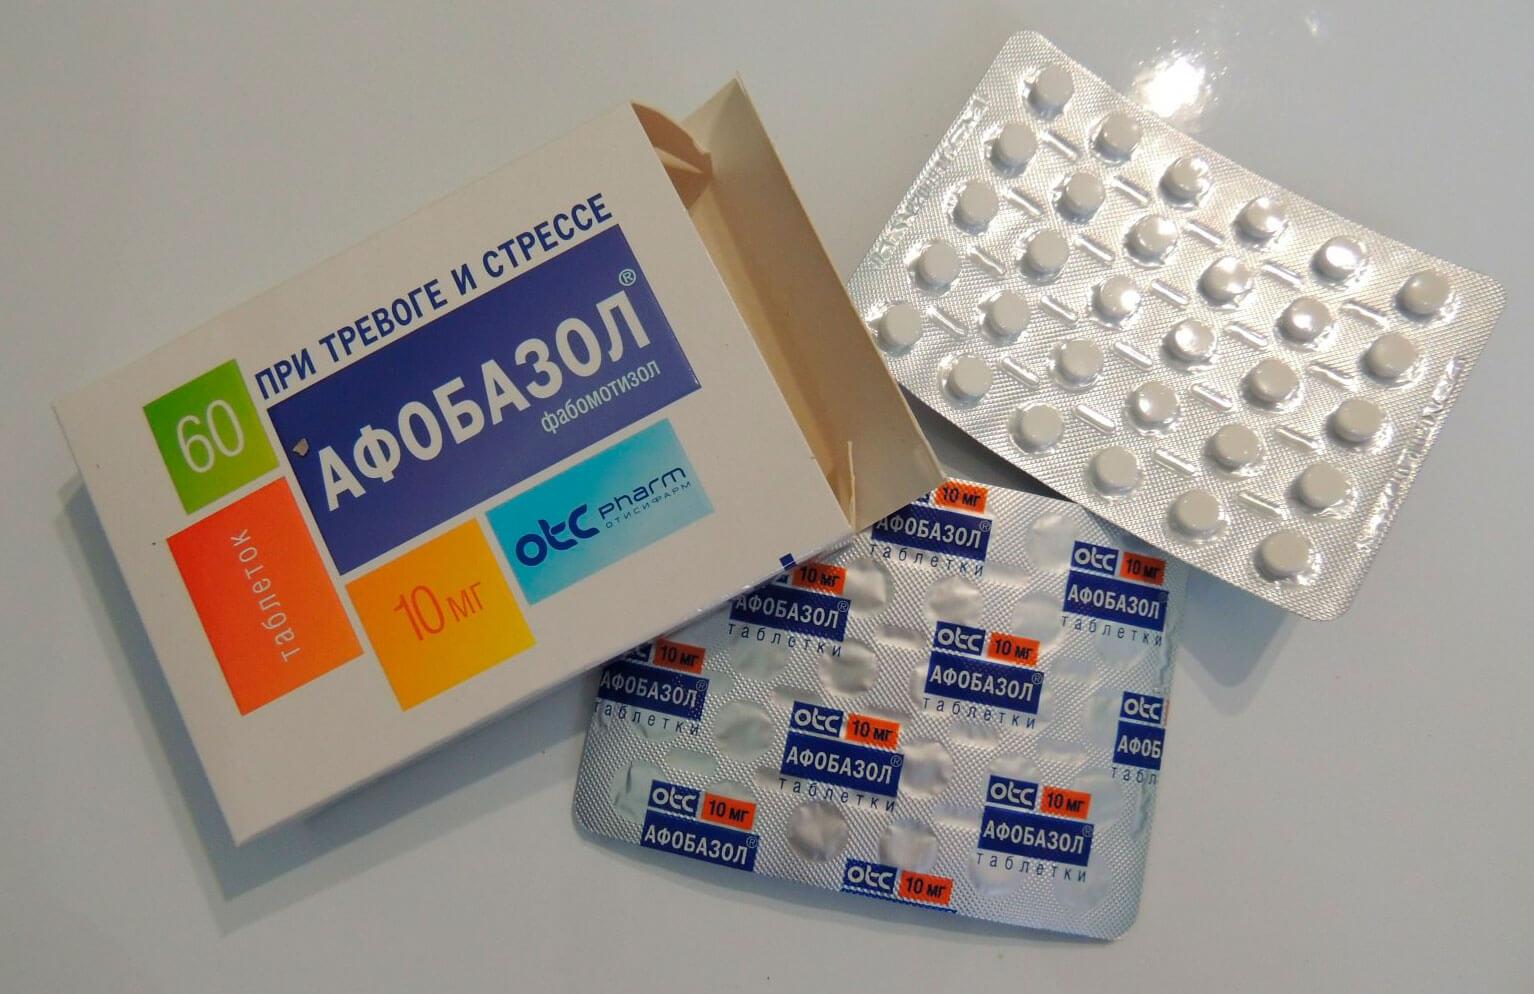 Российские и зарубежные аналоги препарата афобазол: топ 10 средств-заменителей